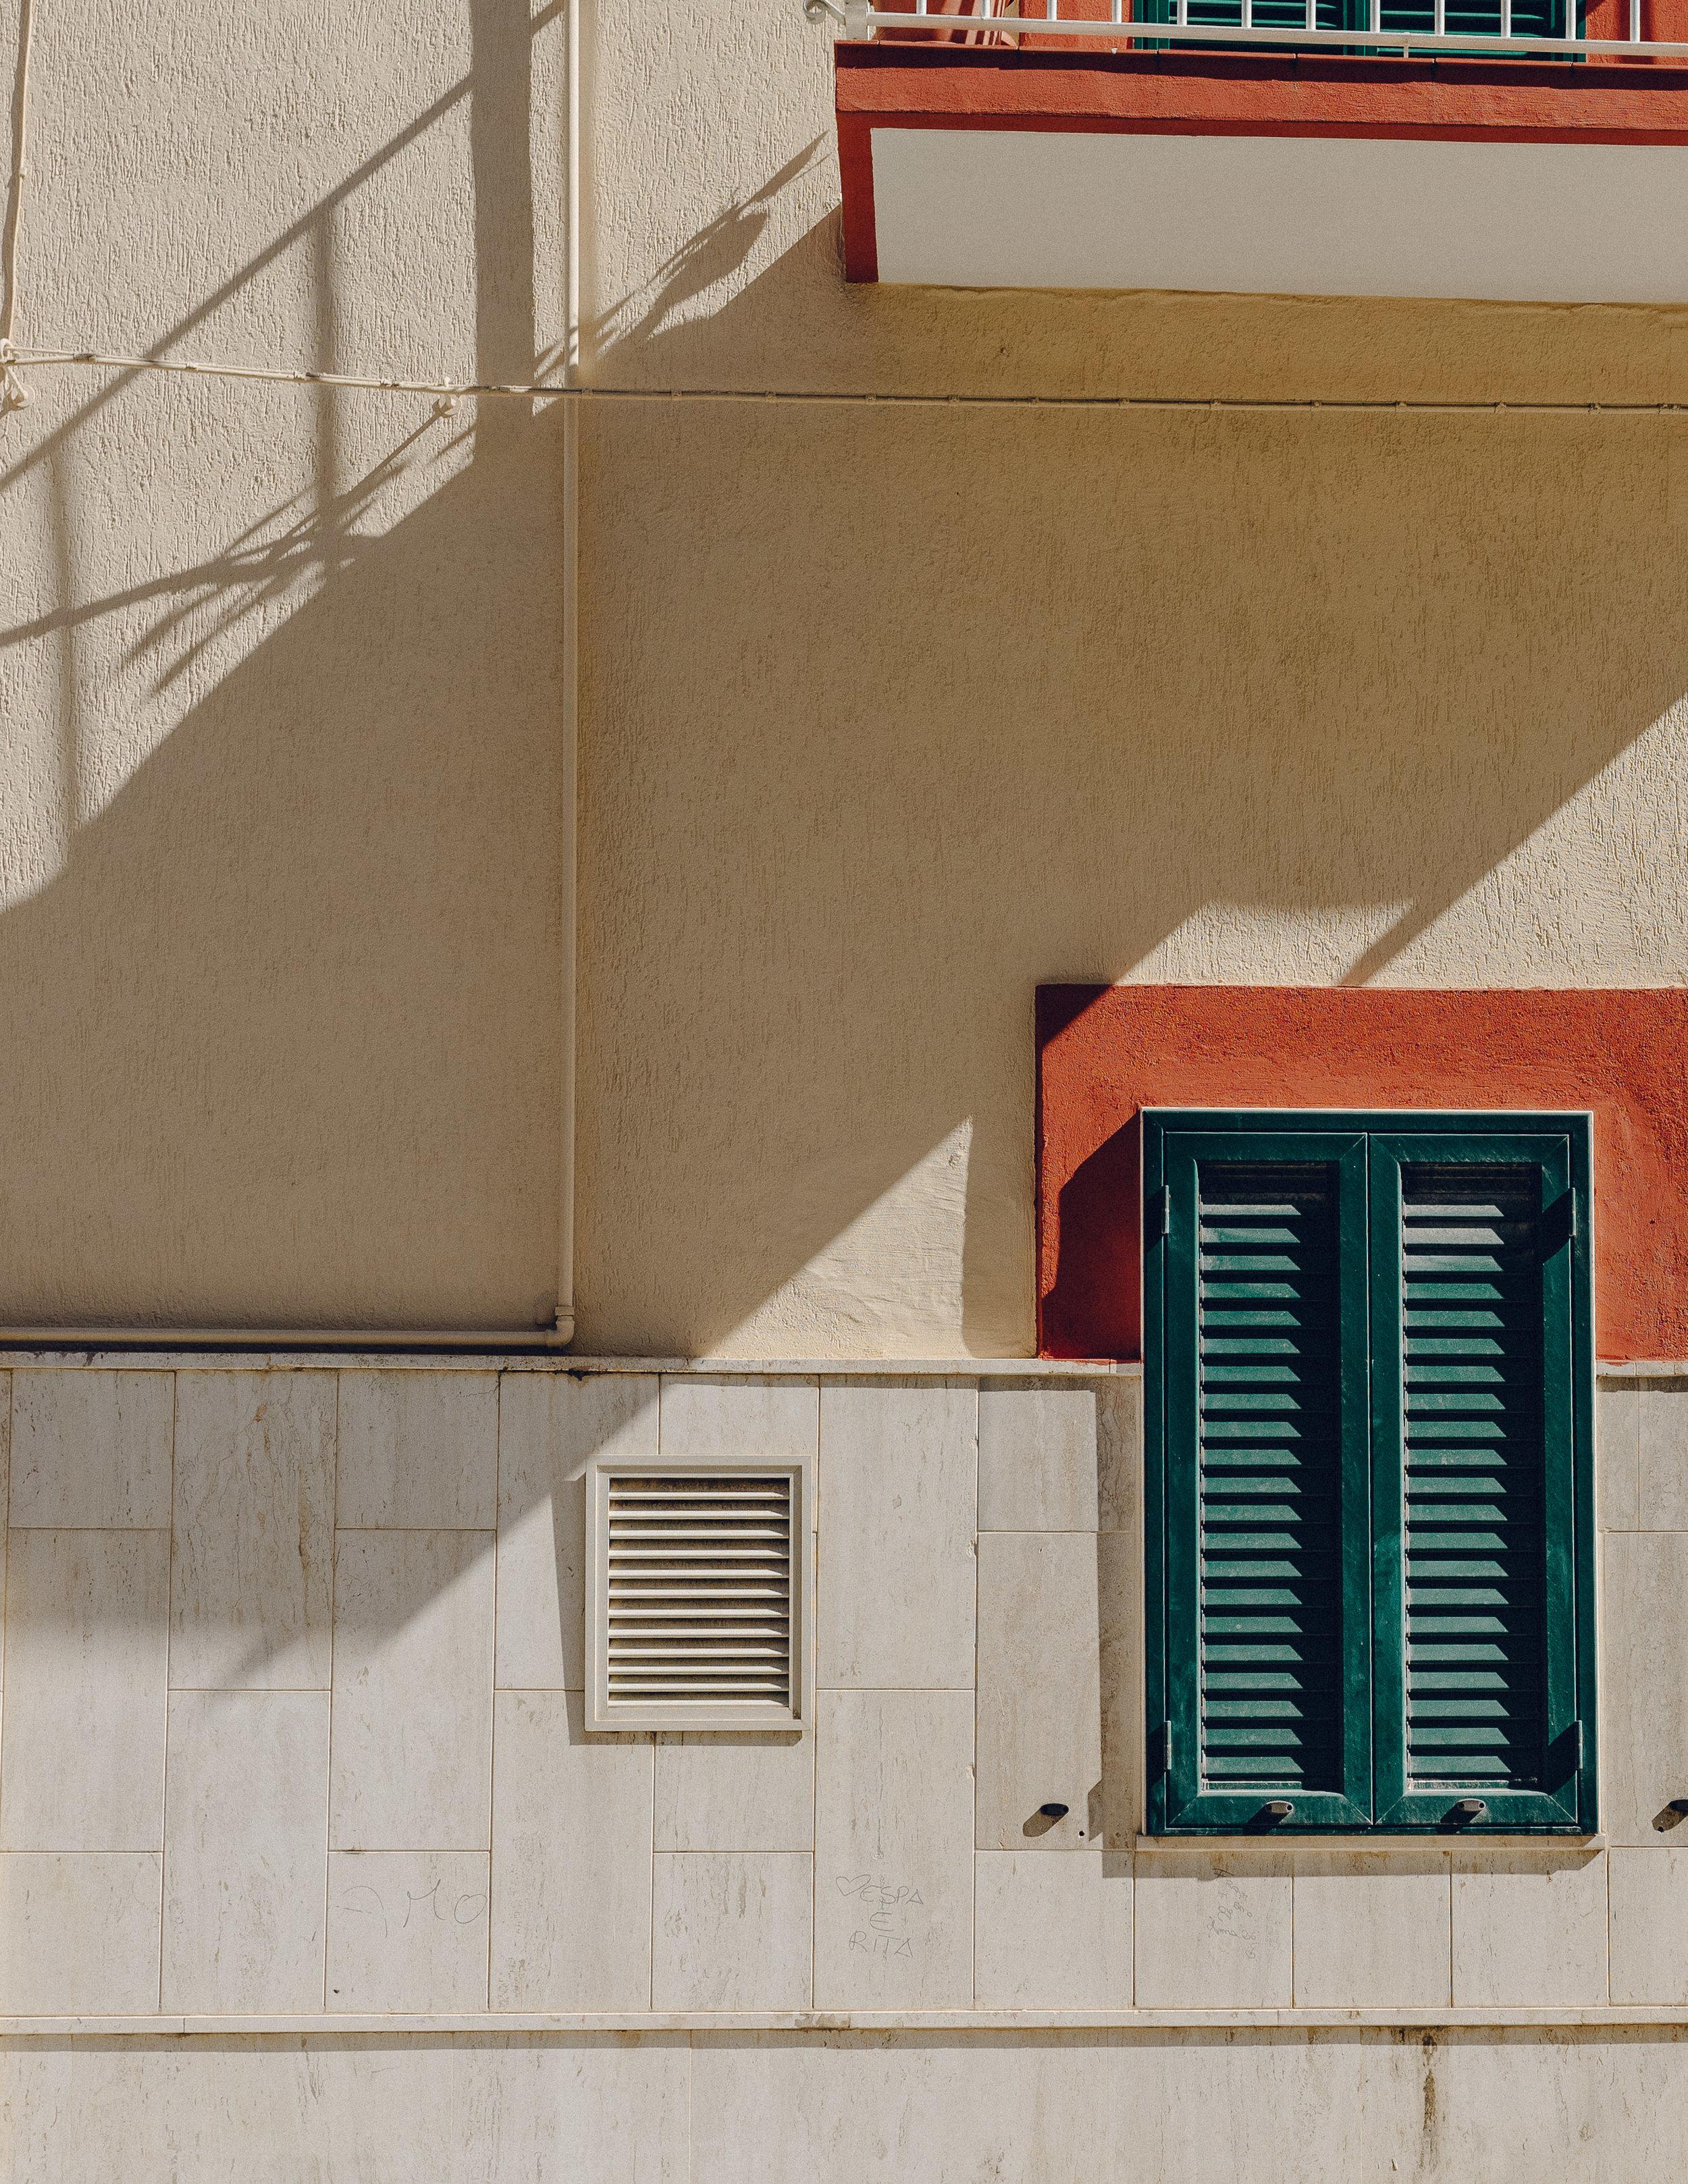 ASROSENVINGE_Roadtrip_Italy_Monopoli-07034.jpg